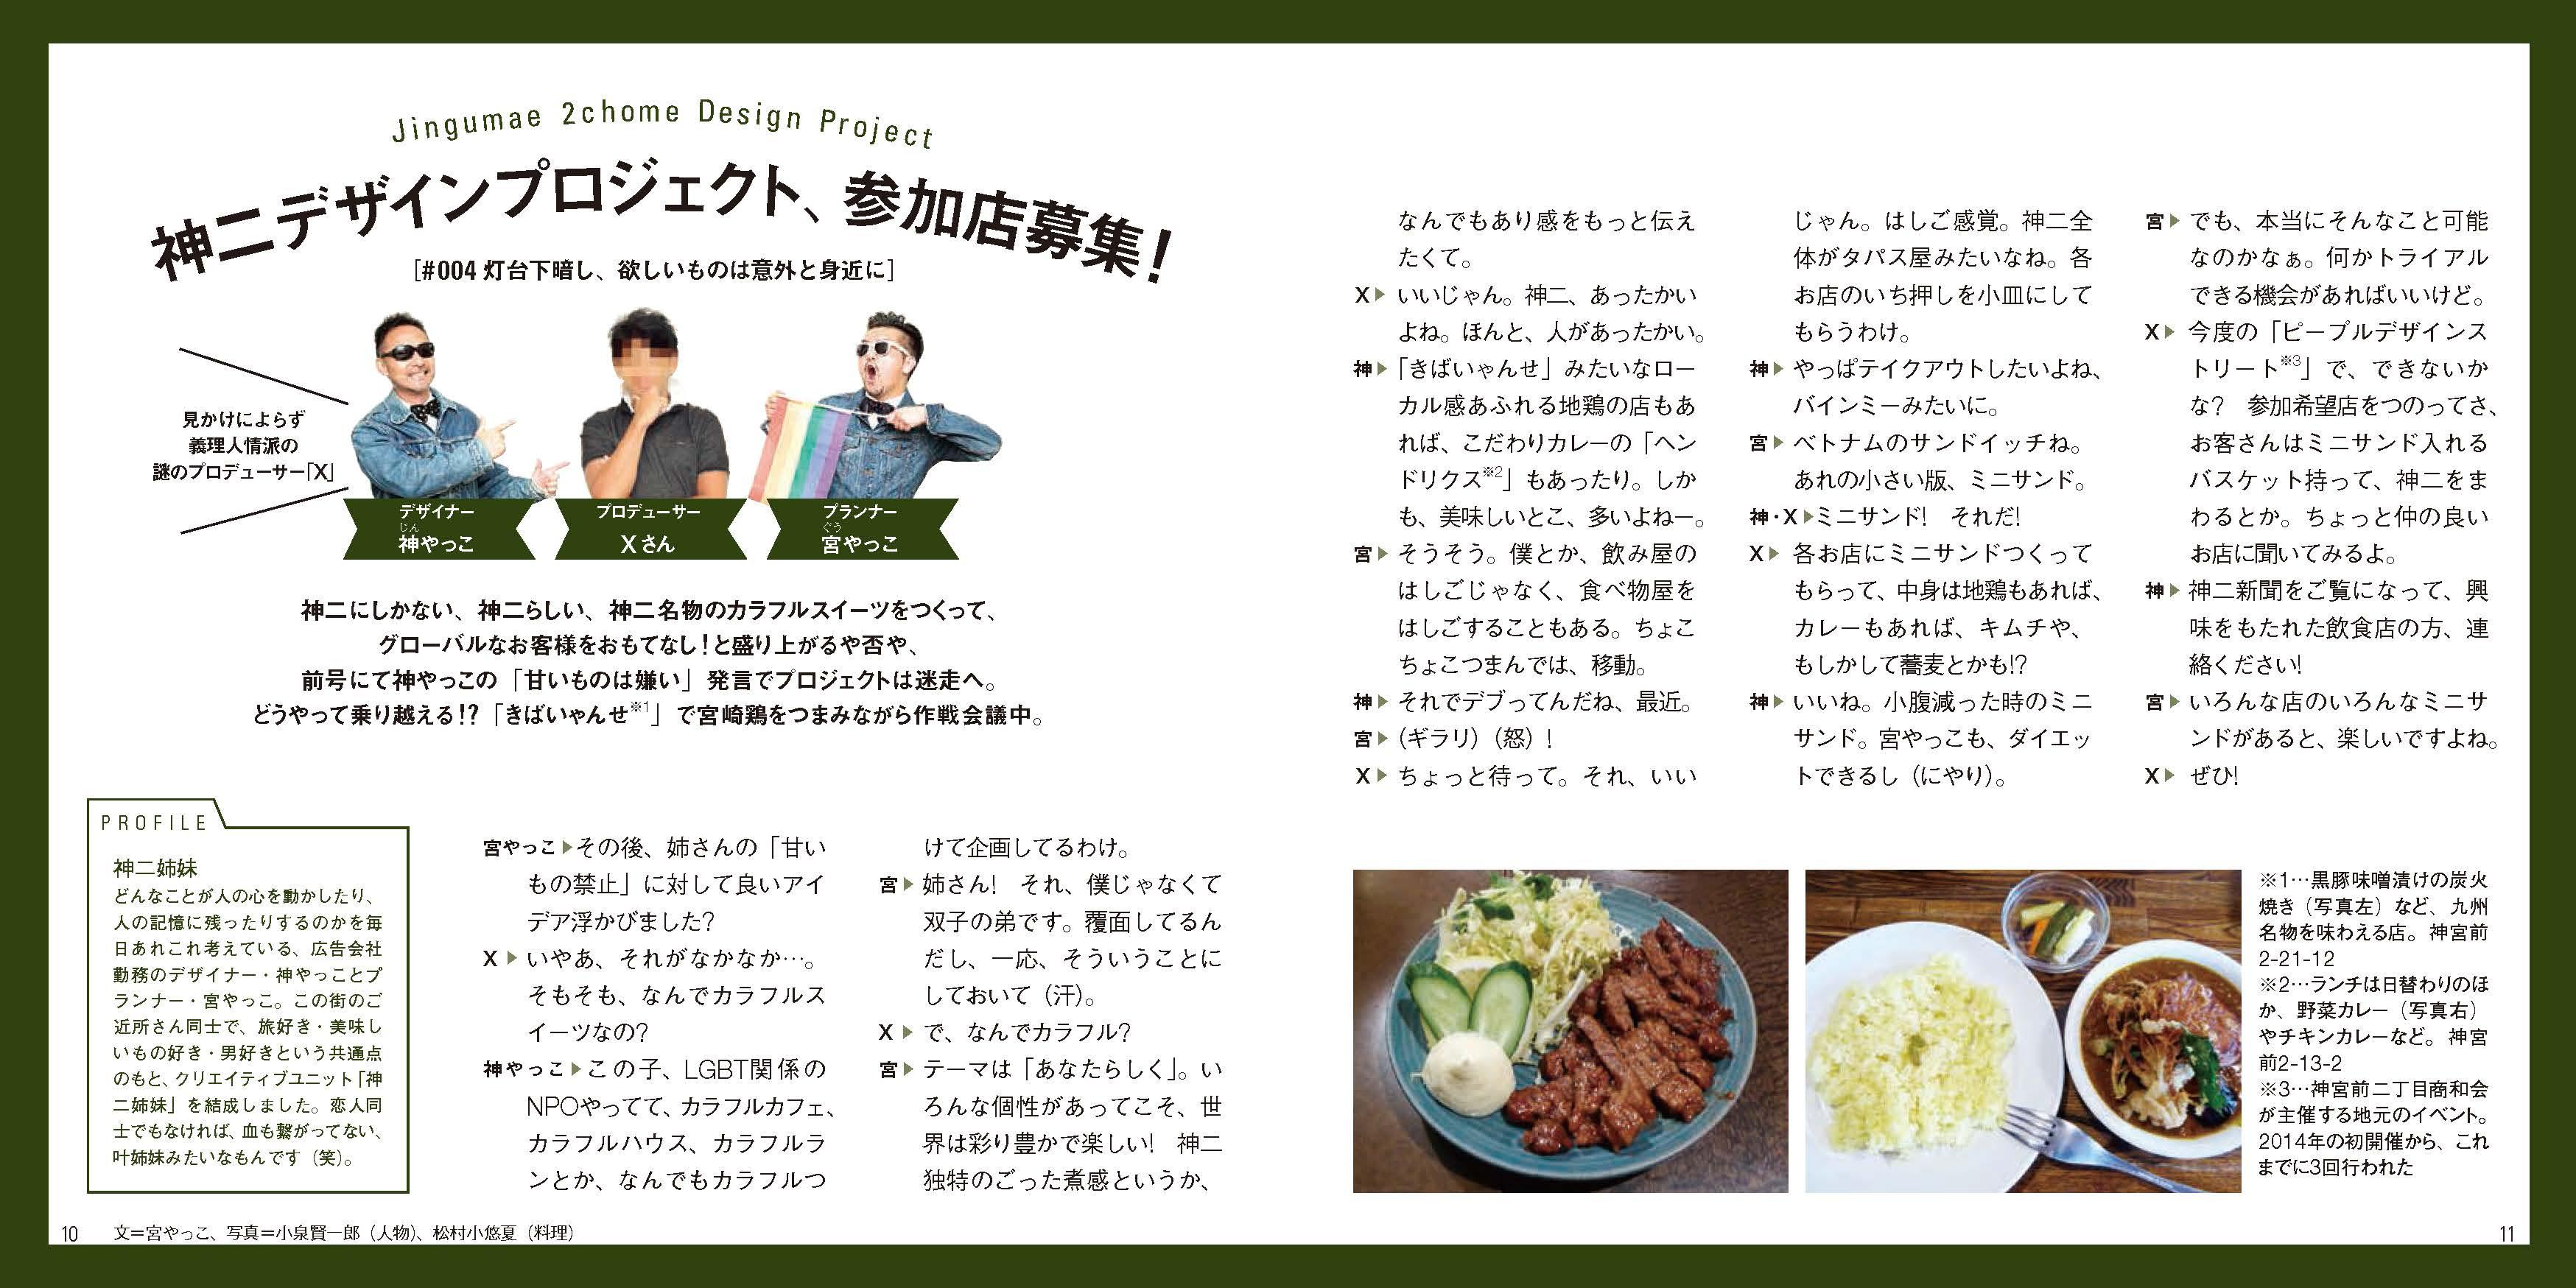 6.神2新聞_第4号_デザインプロジェクト